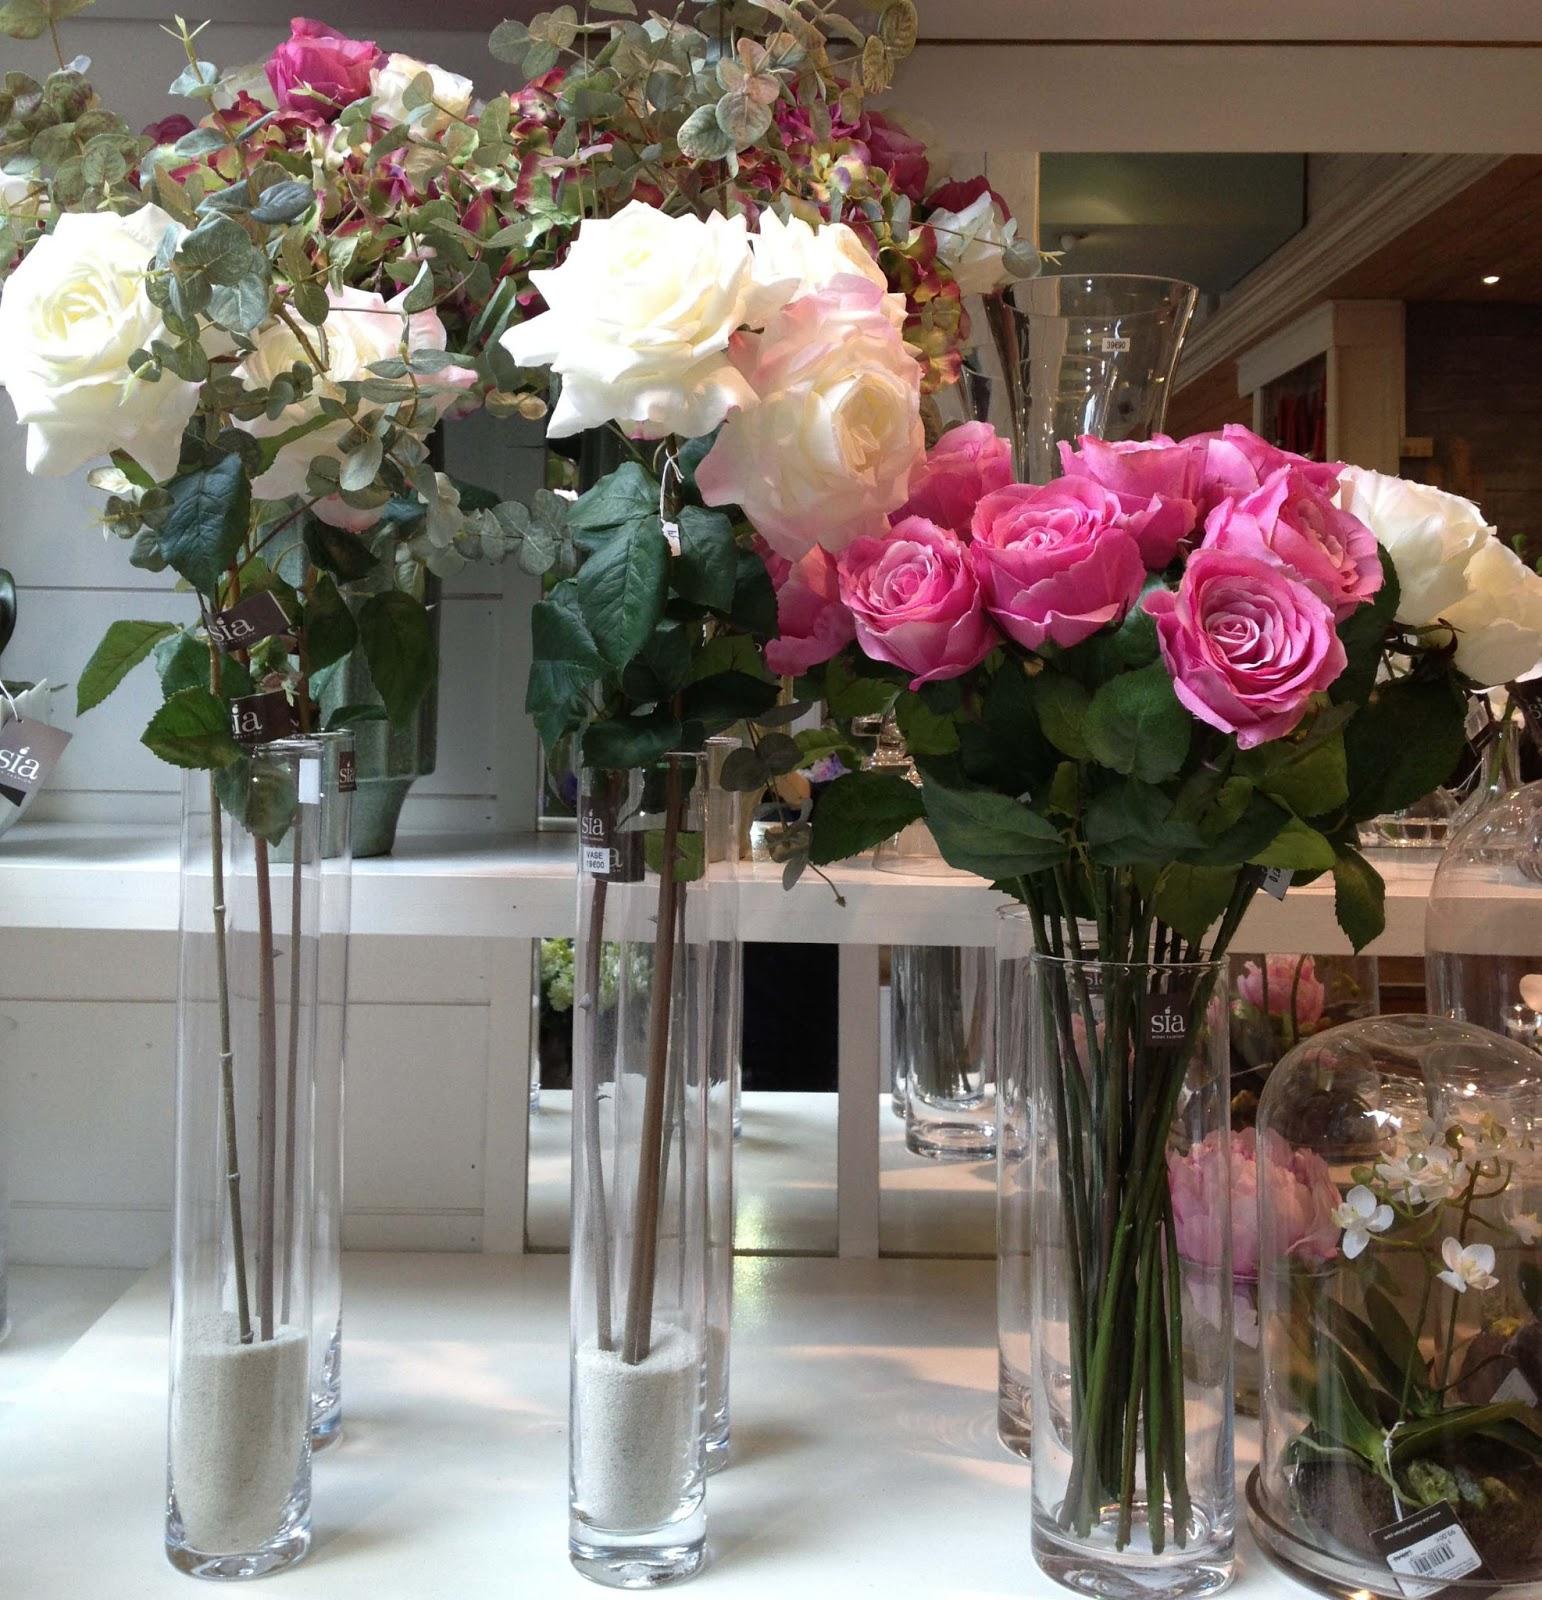 Ellen desforges des brass es de roses artificielles sia pour un crin d 39 - Sia fleurs artificielles ...